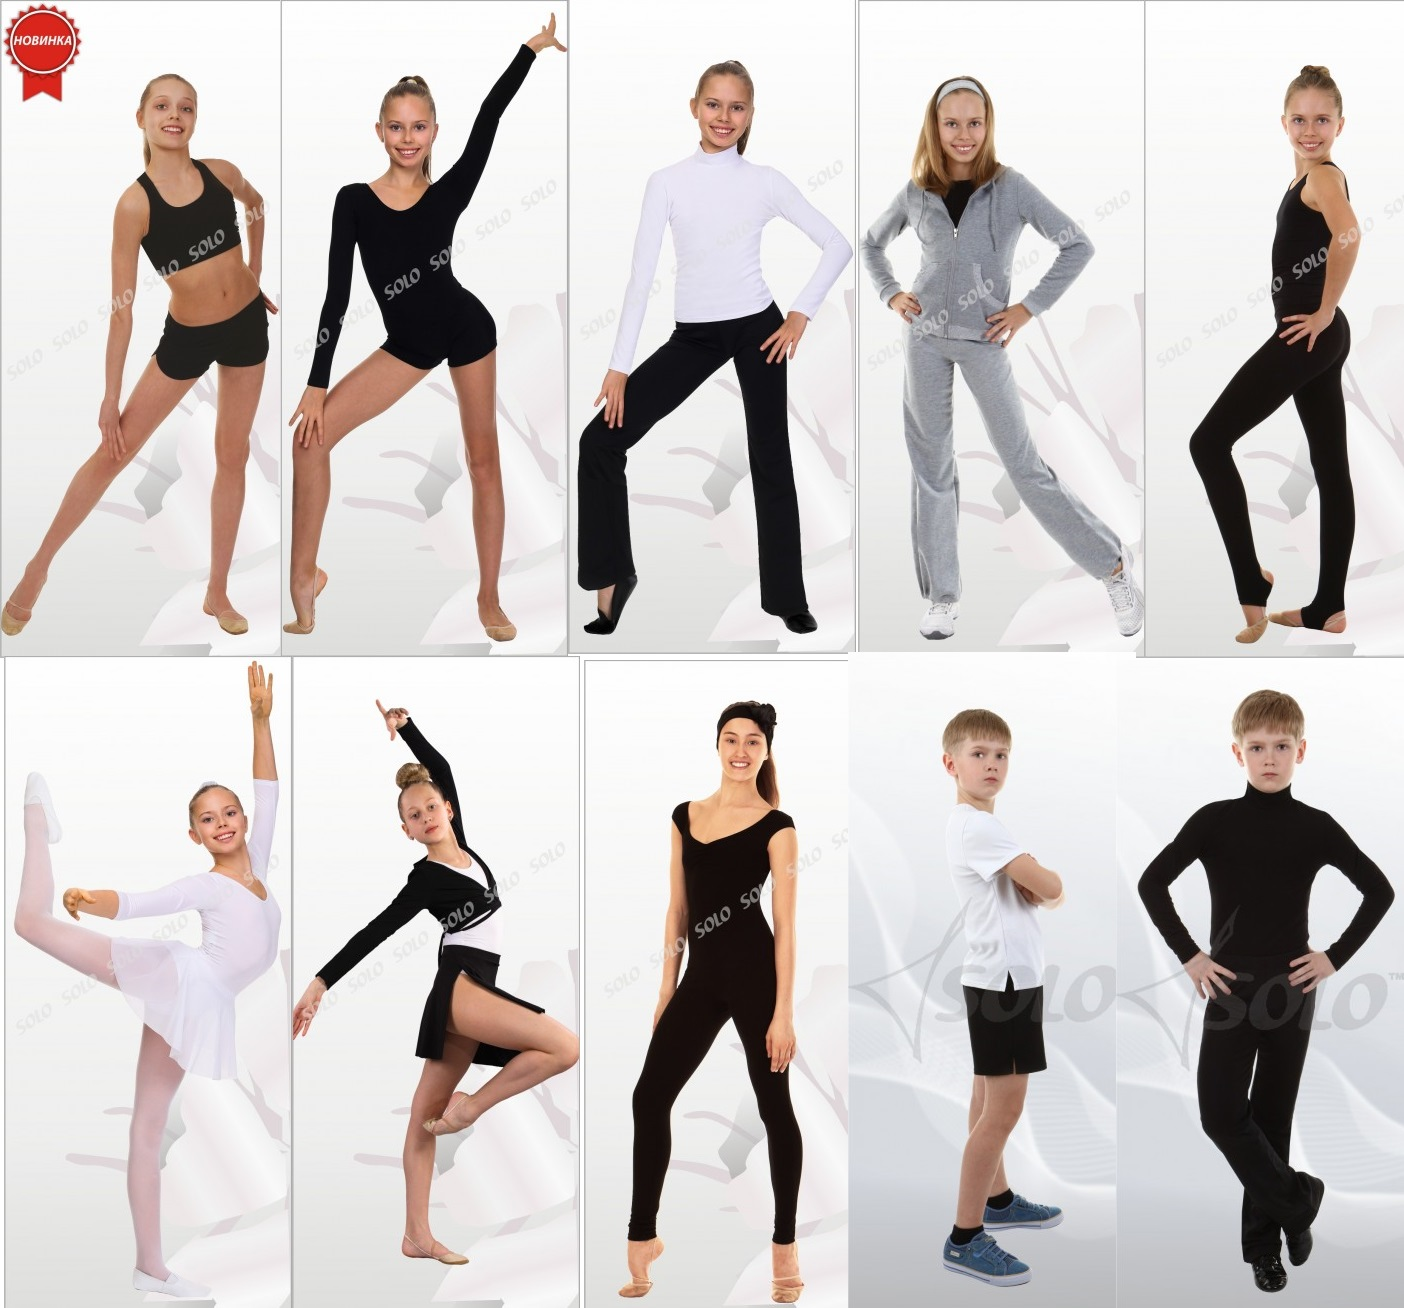 Спортивная одежда - 32. Для физкультуры, гимнастики, хореографии, балета, для дома и отдыха. Обувь, трико и колготки для гимнастики и танцев. Чехлы на предметы для гимнастики. Размерный ряд с 28 по 50. Без рядов!